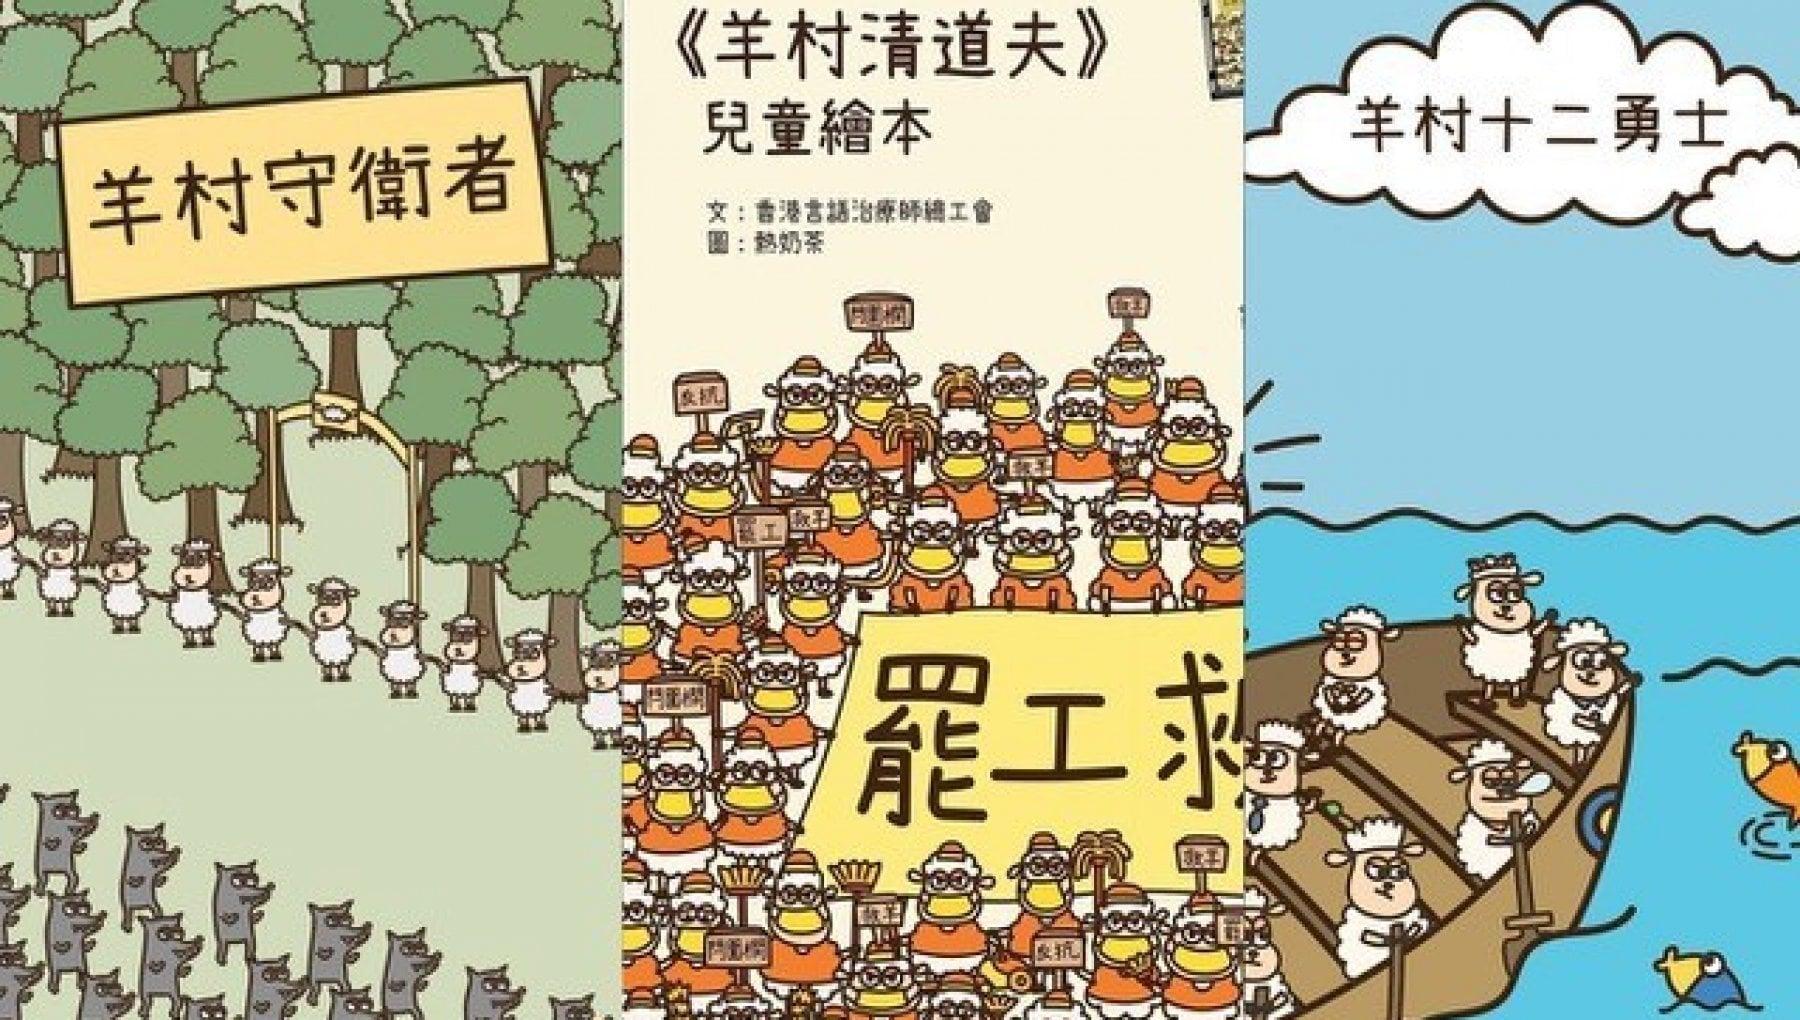 195045615 88208578 a0ff 4a7b b45f 8b4a428c7b0c - Le pecorelle di Hong Kong e il lupo cinese: Pechino arresta gli autori di un libro per bambini